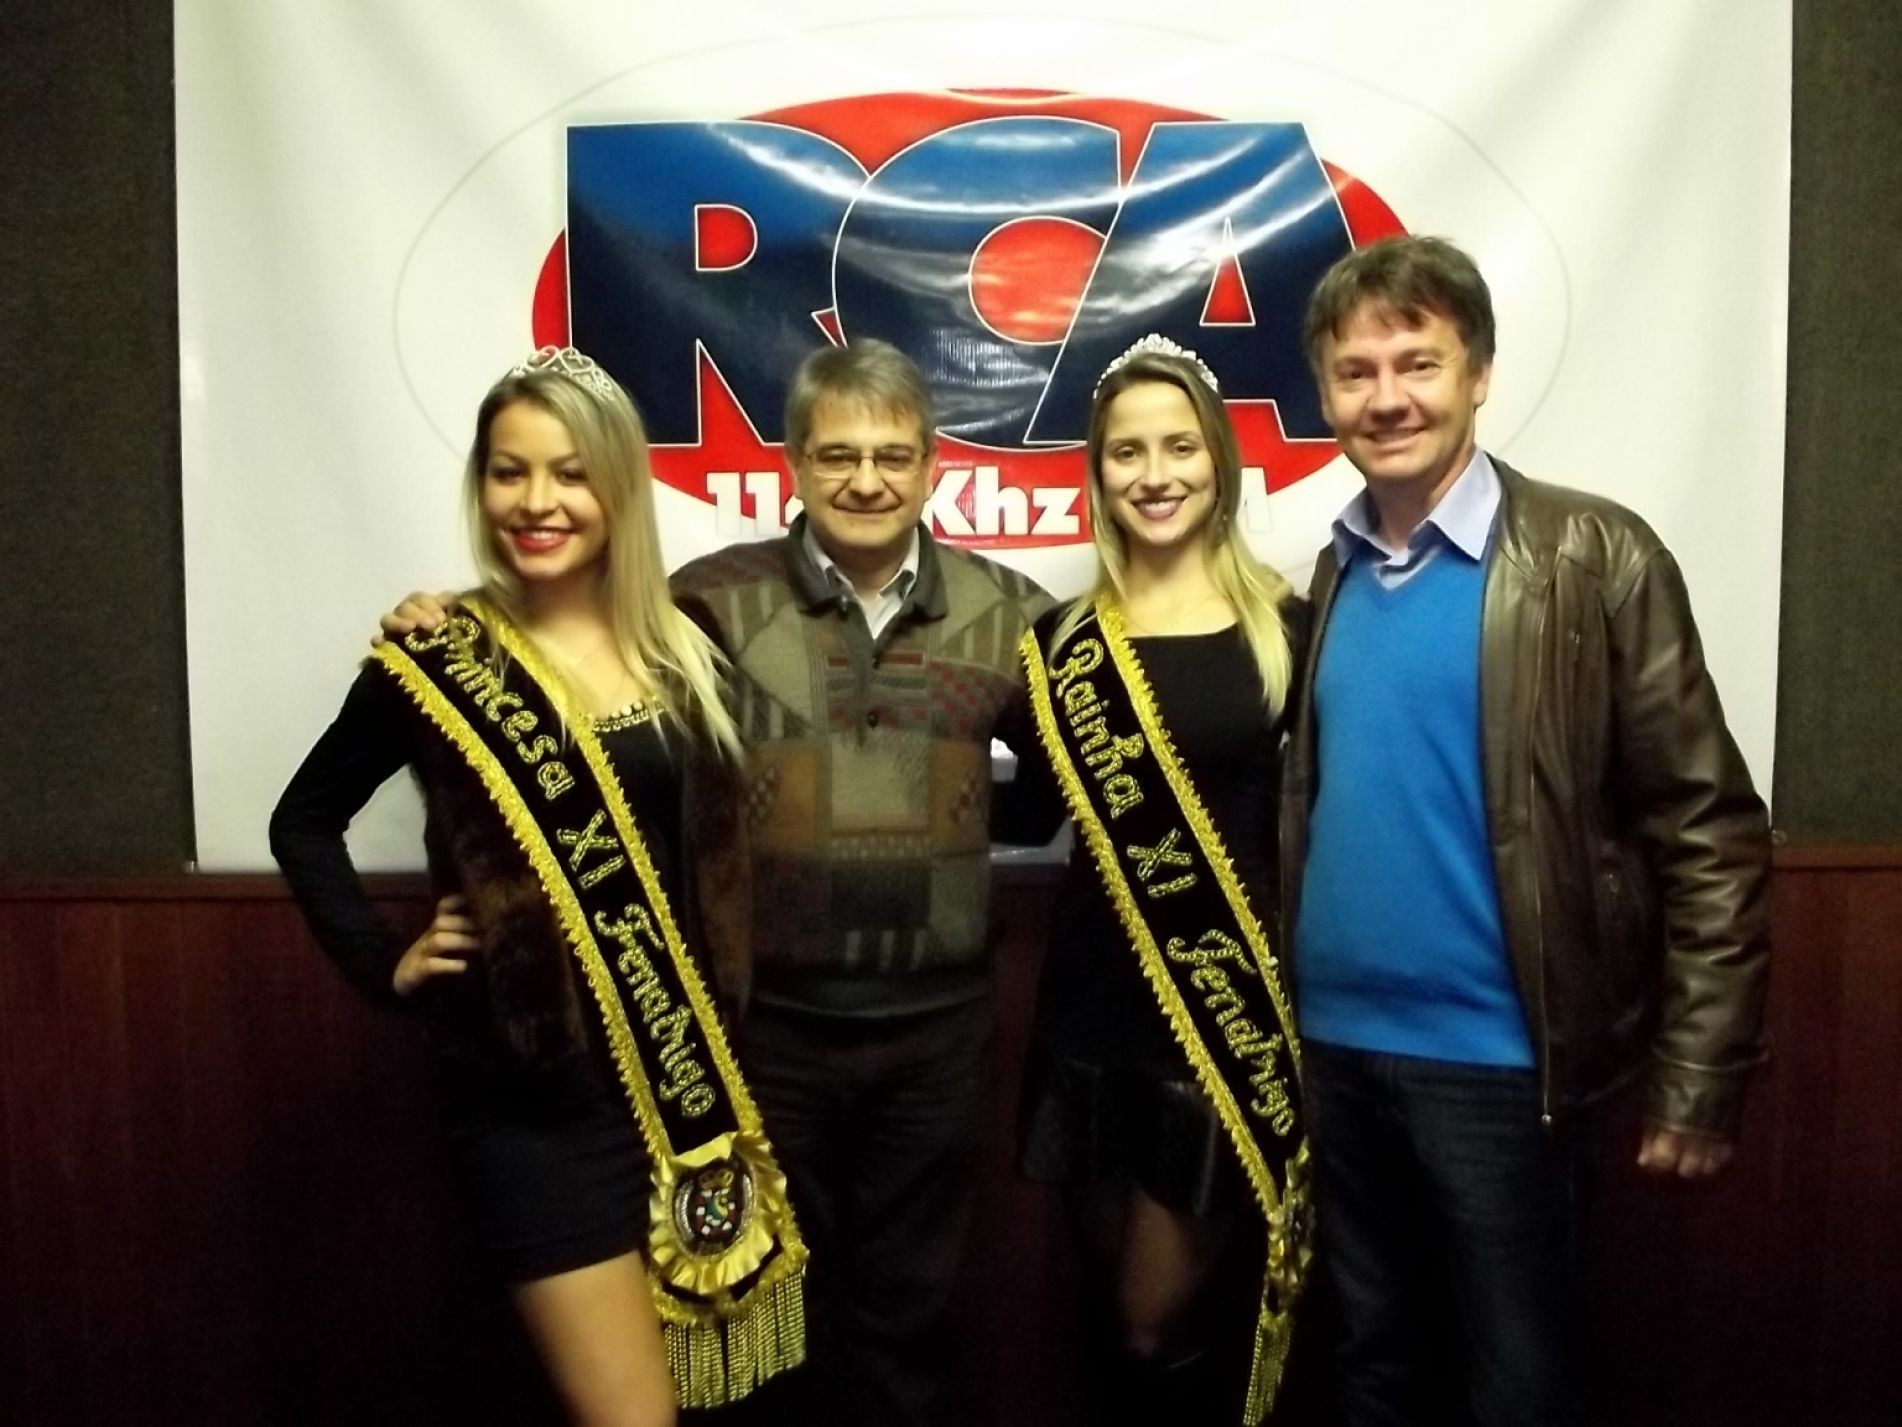 Presidente e soberanas com João Veríssimo na Rádio Cruz Alta